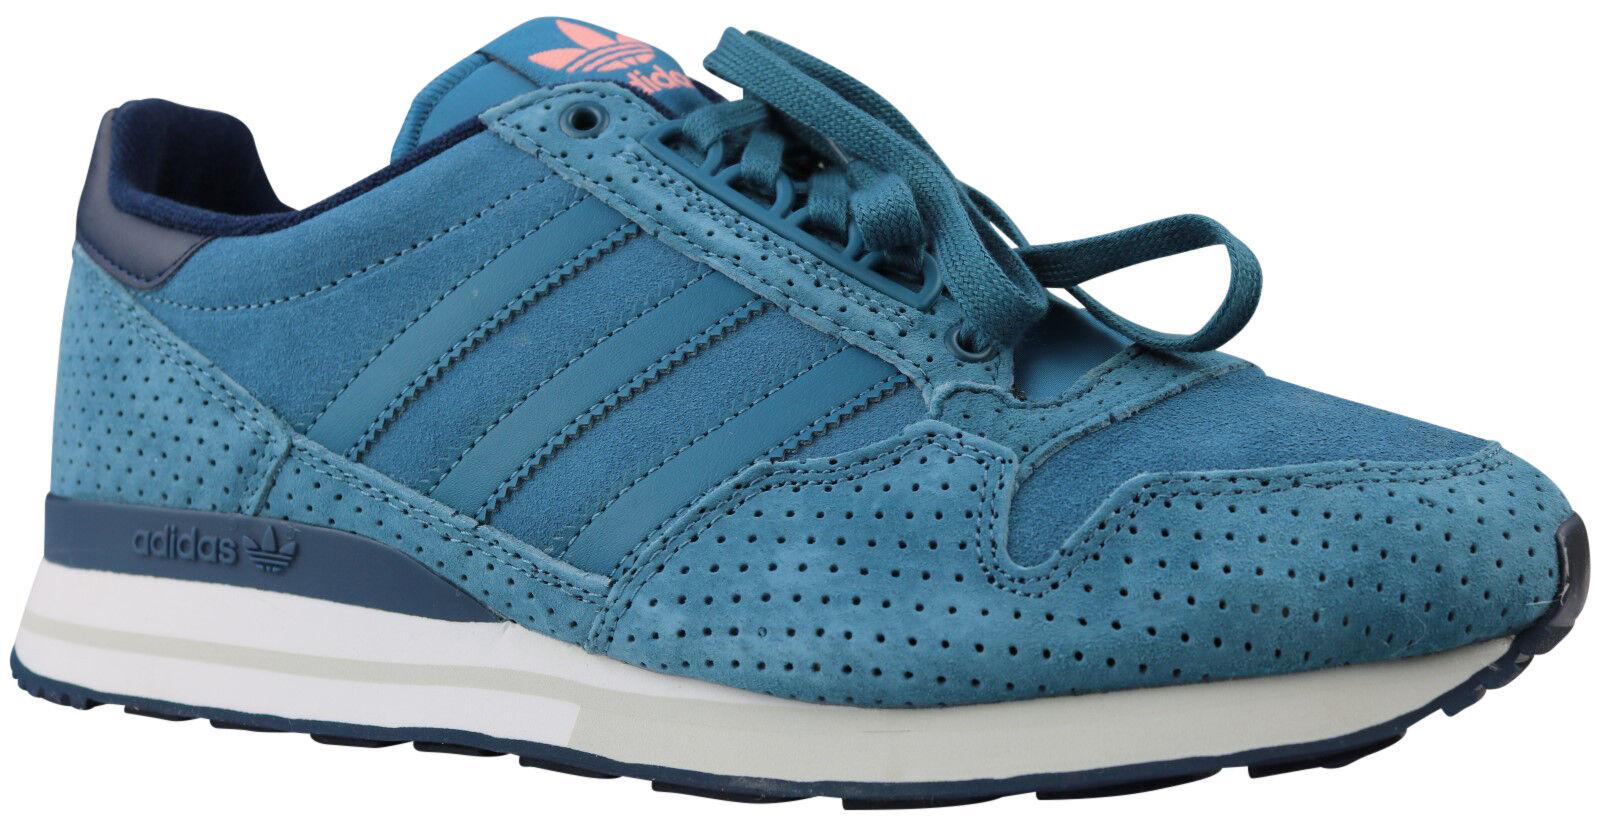 Adidas ZX DAMEN 500 OG W ORIGINALS DAMEN ZX ZX500 Sneaker S78942 Gr. 40 & 41 NEU OVP 4f0639